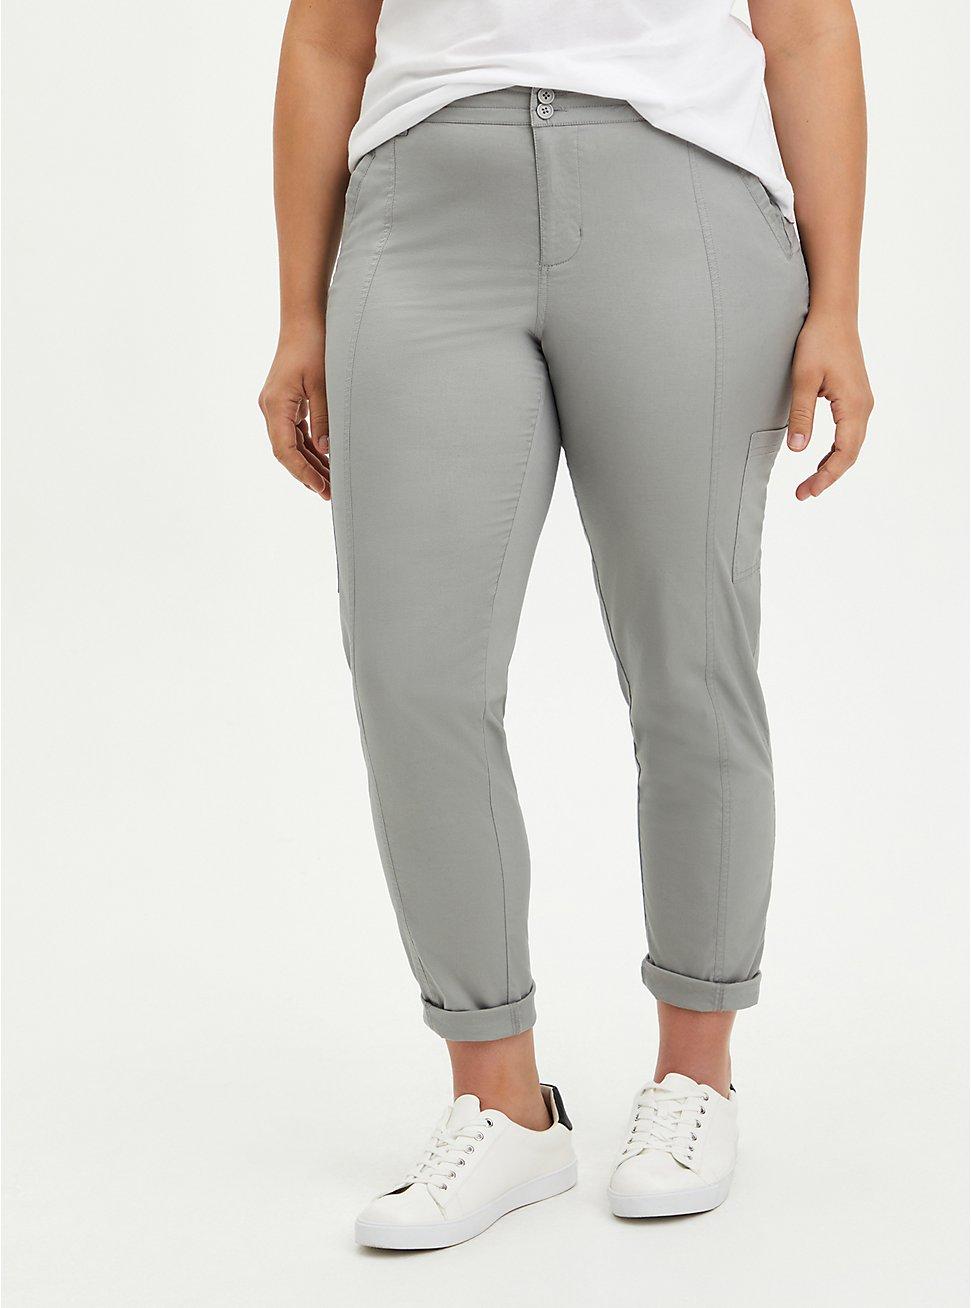 Utility Crop Pant - Stretch Poplin Grey, GREY, hi-res